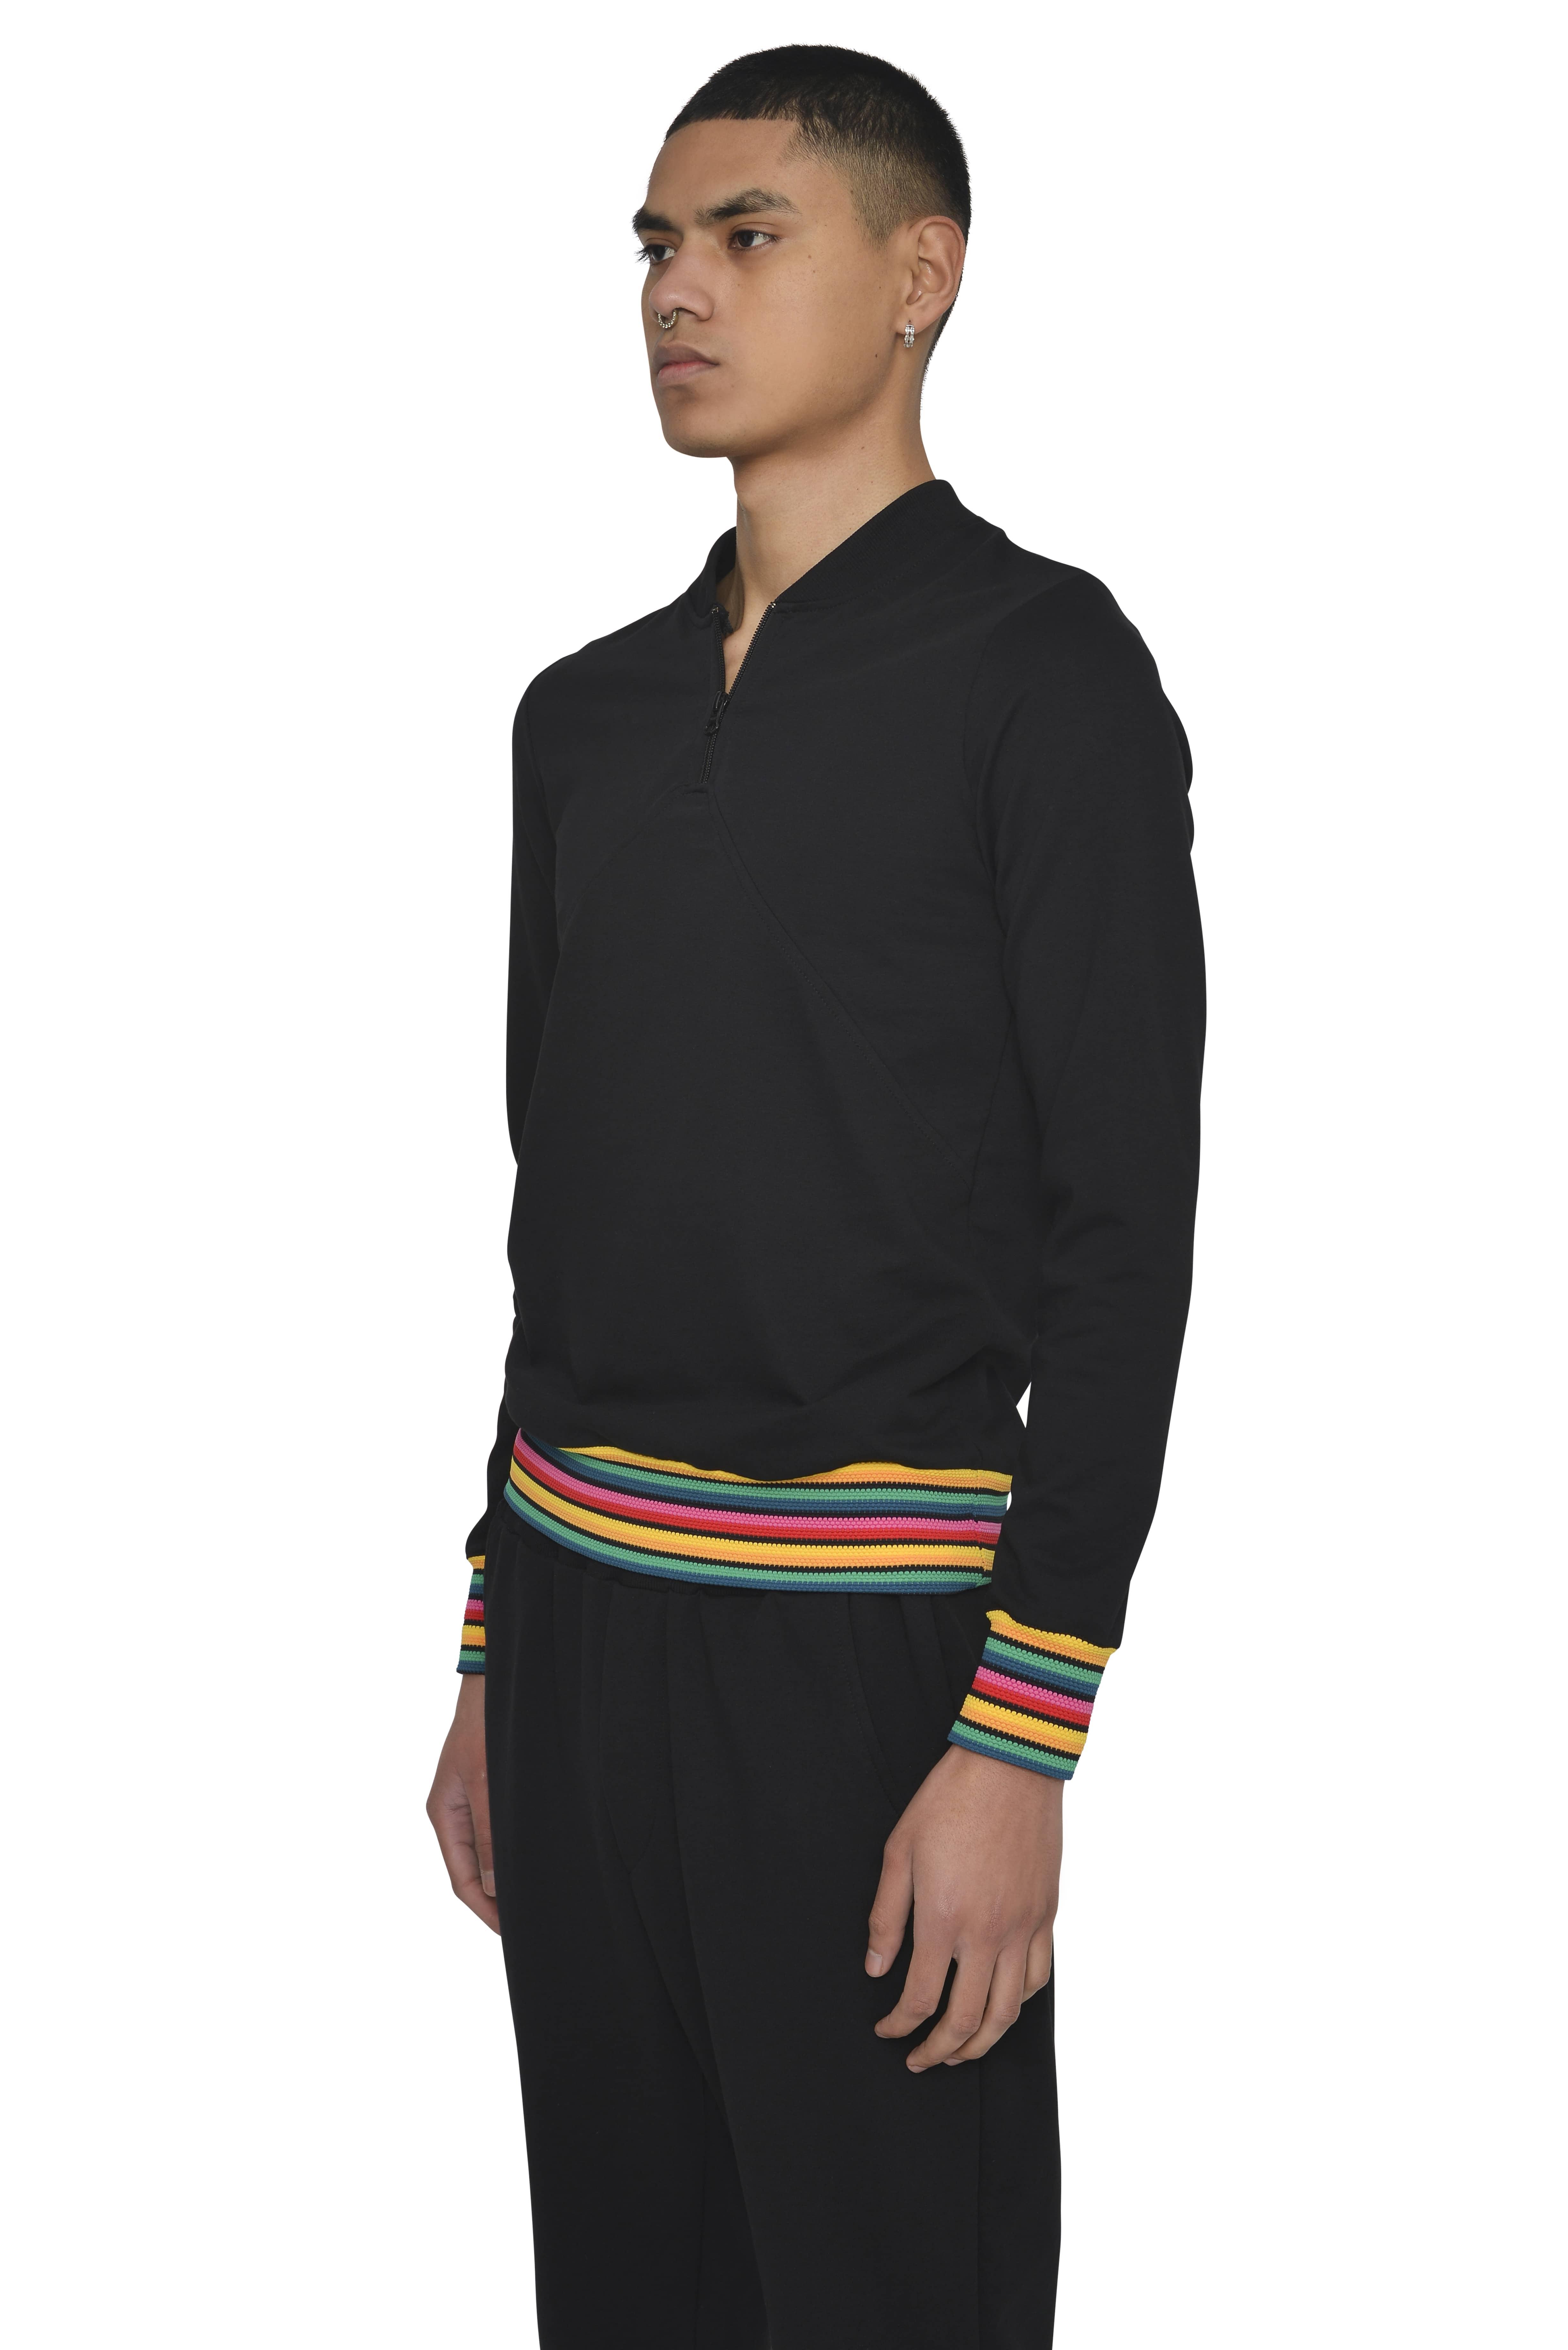 Sweatshirt ARARA 3